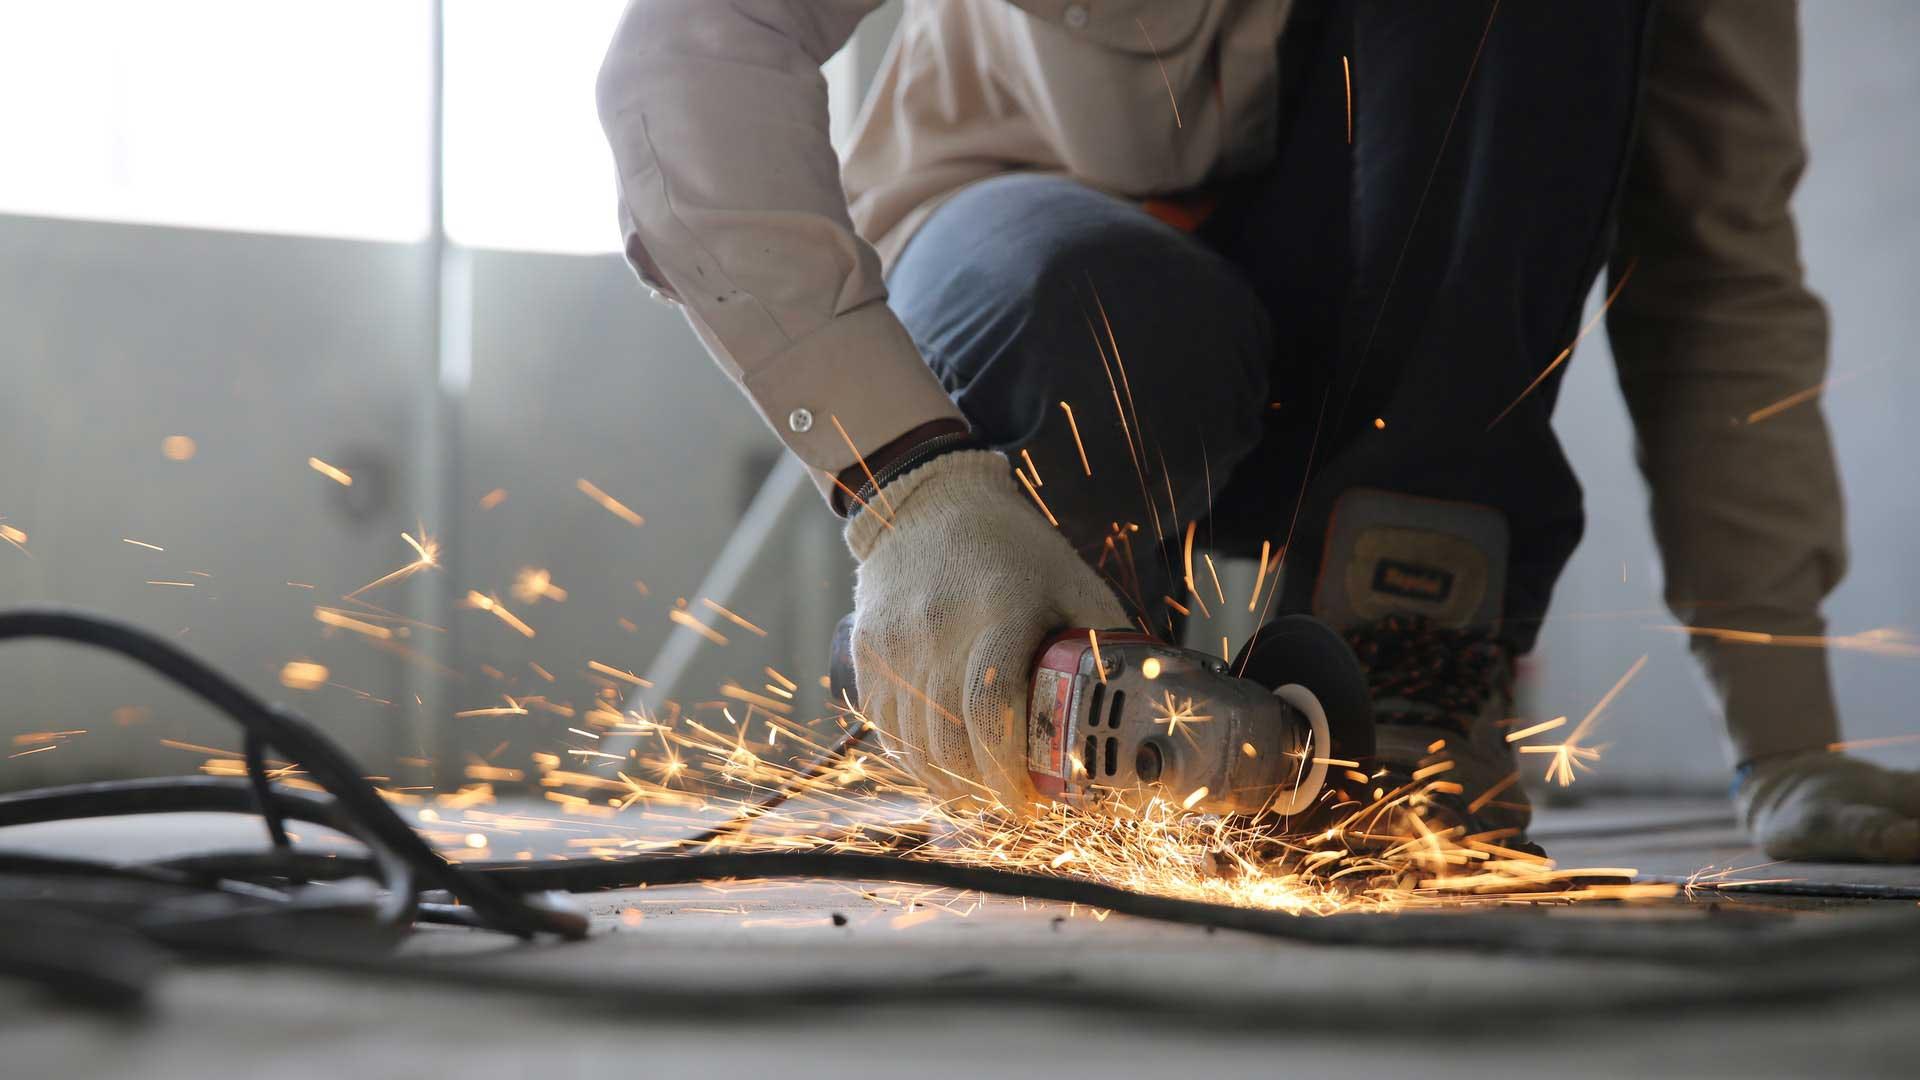 Dina medarbetare förtjänar en säker och ergonomisk arbetsmiljö